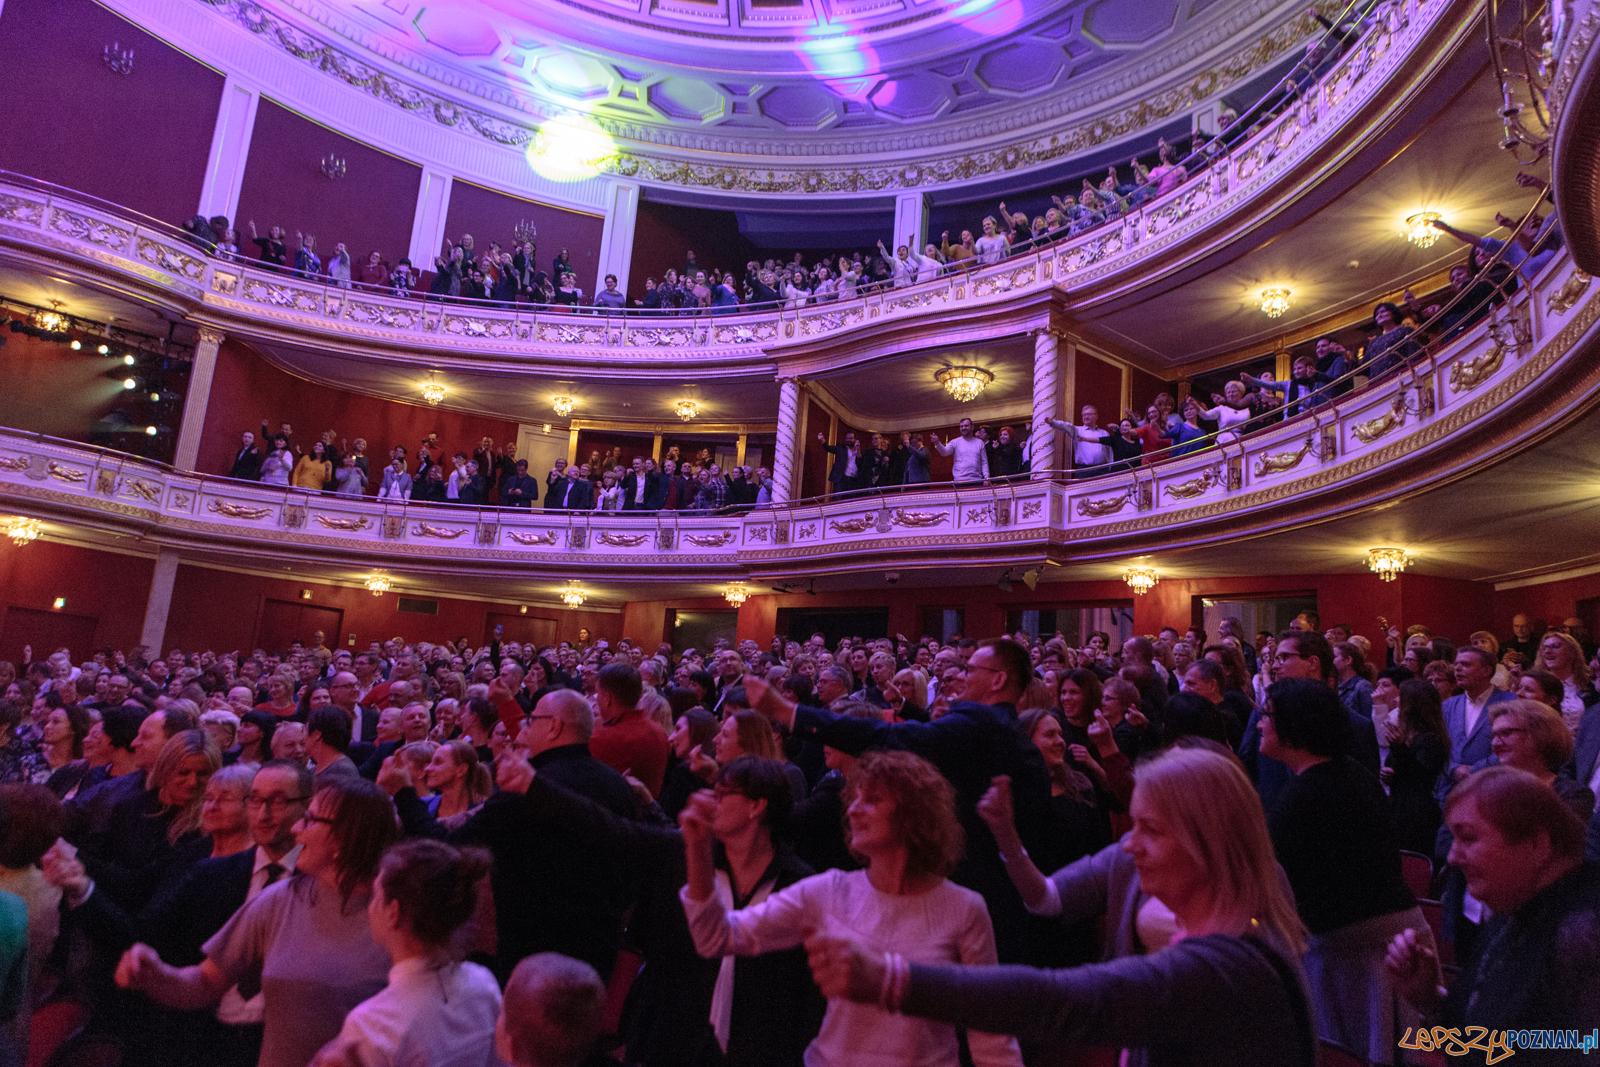 """Koncert """"Kobiety kobietom"""" w Teatrze Wielkim - Poznań 08.03.201  Foto: LepszyPOZNAN.pl / Paweł Rychter"""